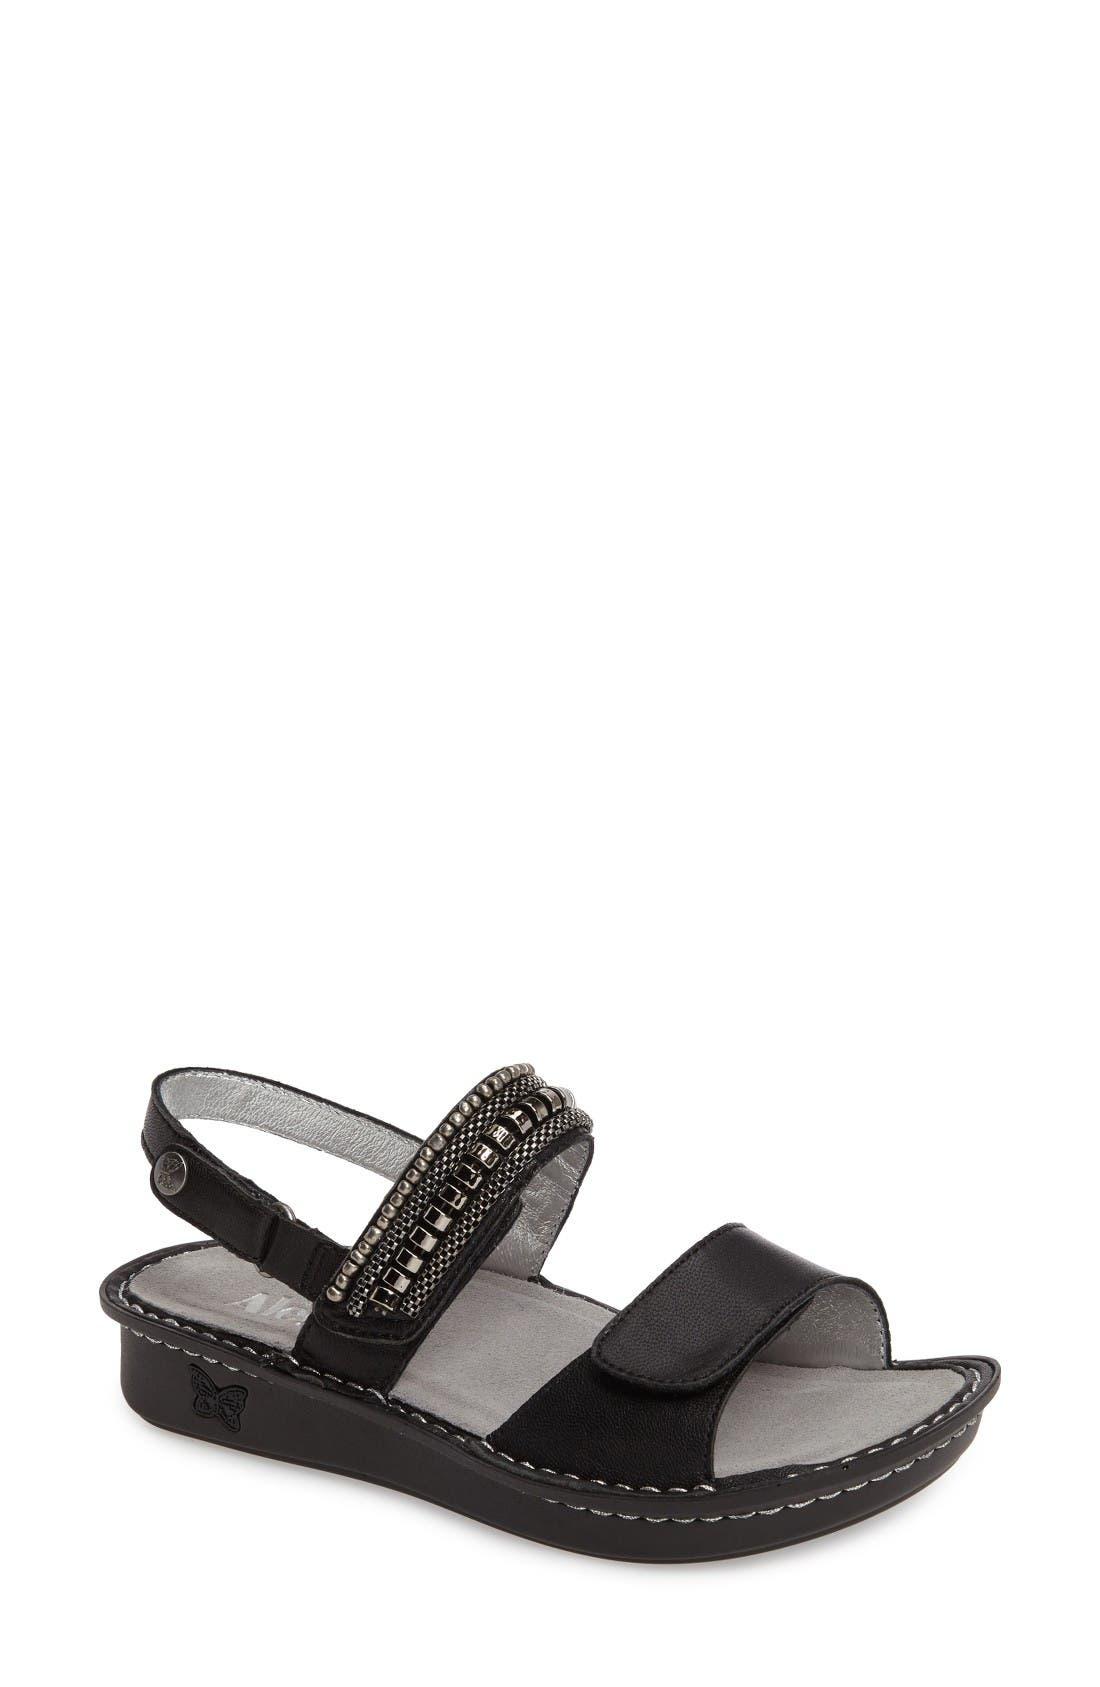 'Verona' Sandal,                             Main thumbnail 1, color,                             Coal Chain Gang Leather